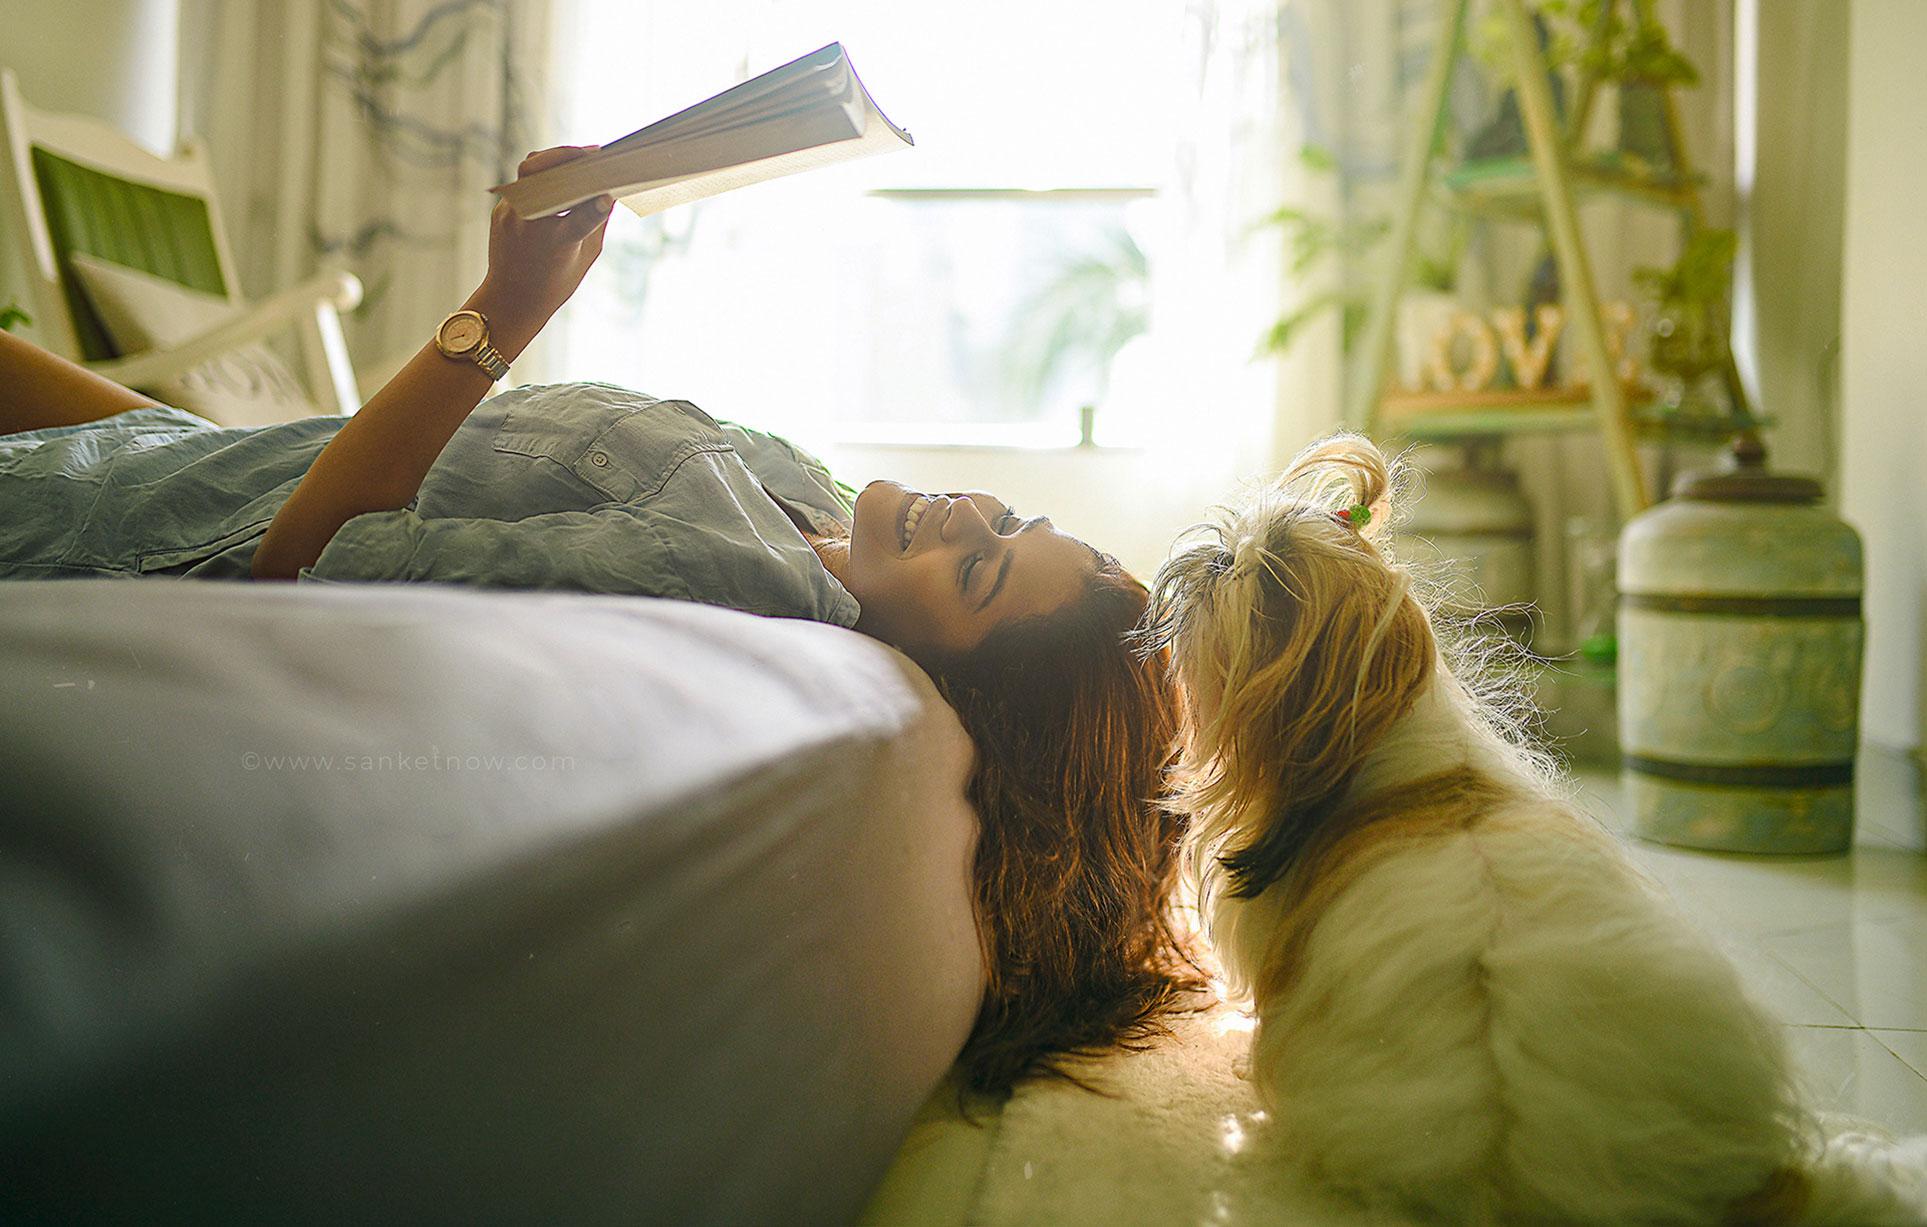 прелесть недосказанности и скромная красота, девушка с книгой и собачкой / фото 01